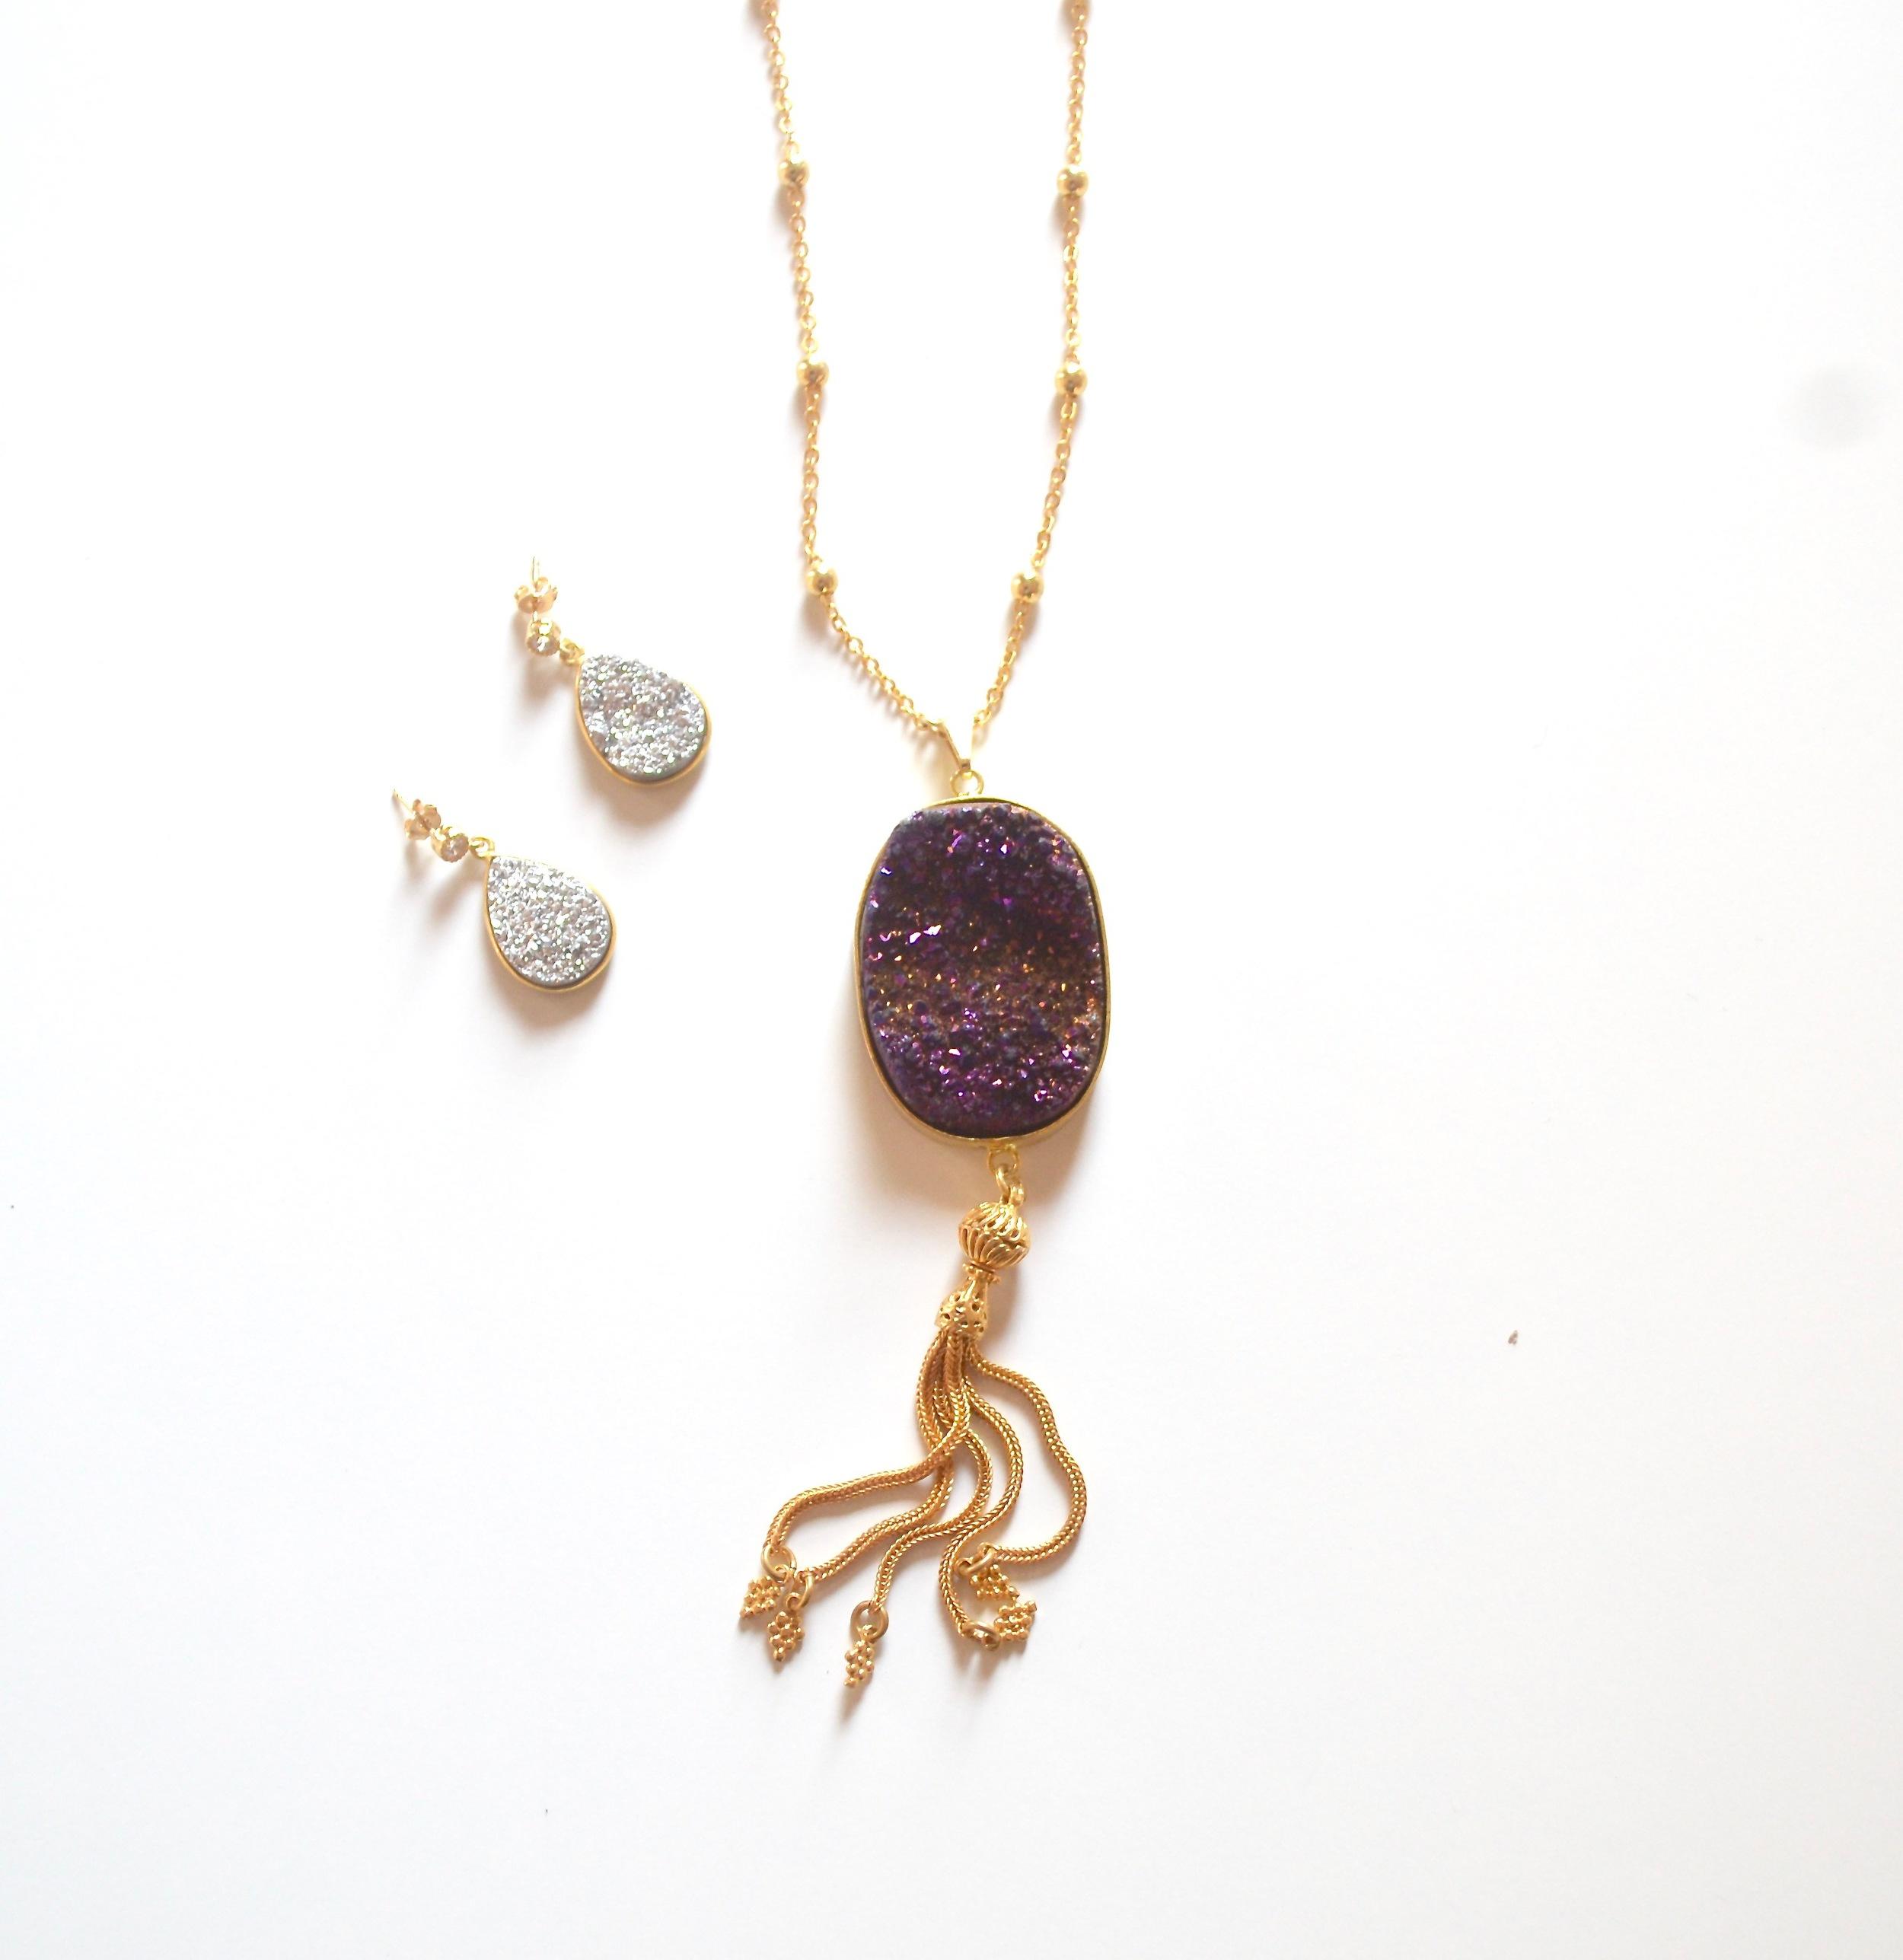 Pictured:Mela Druzy Tassel Necklace &Druzy Earrings, Ashlynn Druzy Earrings